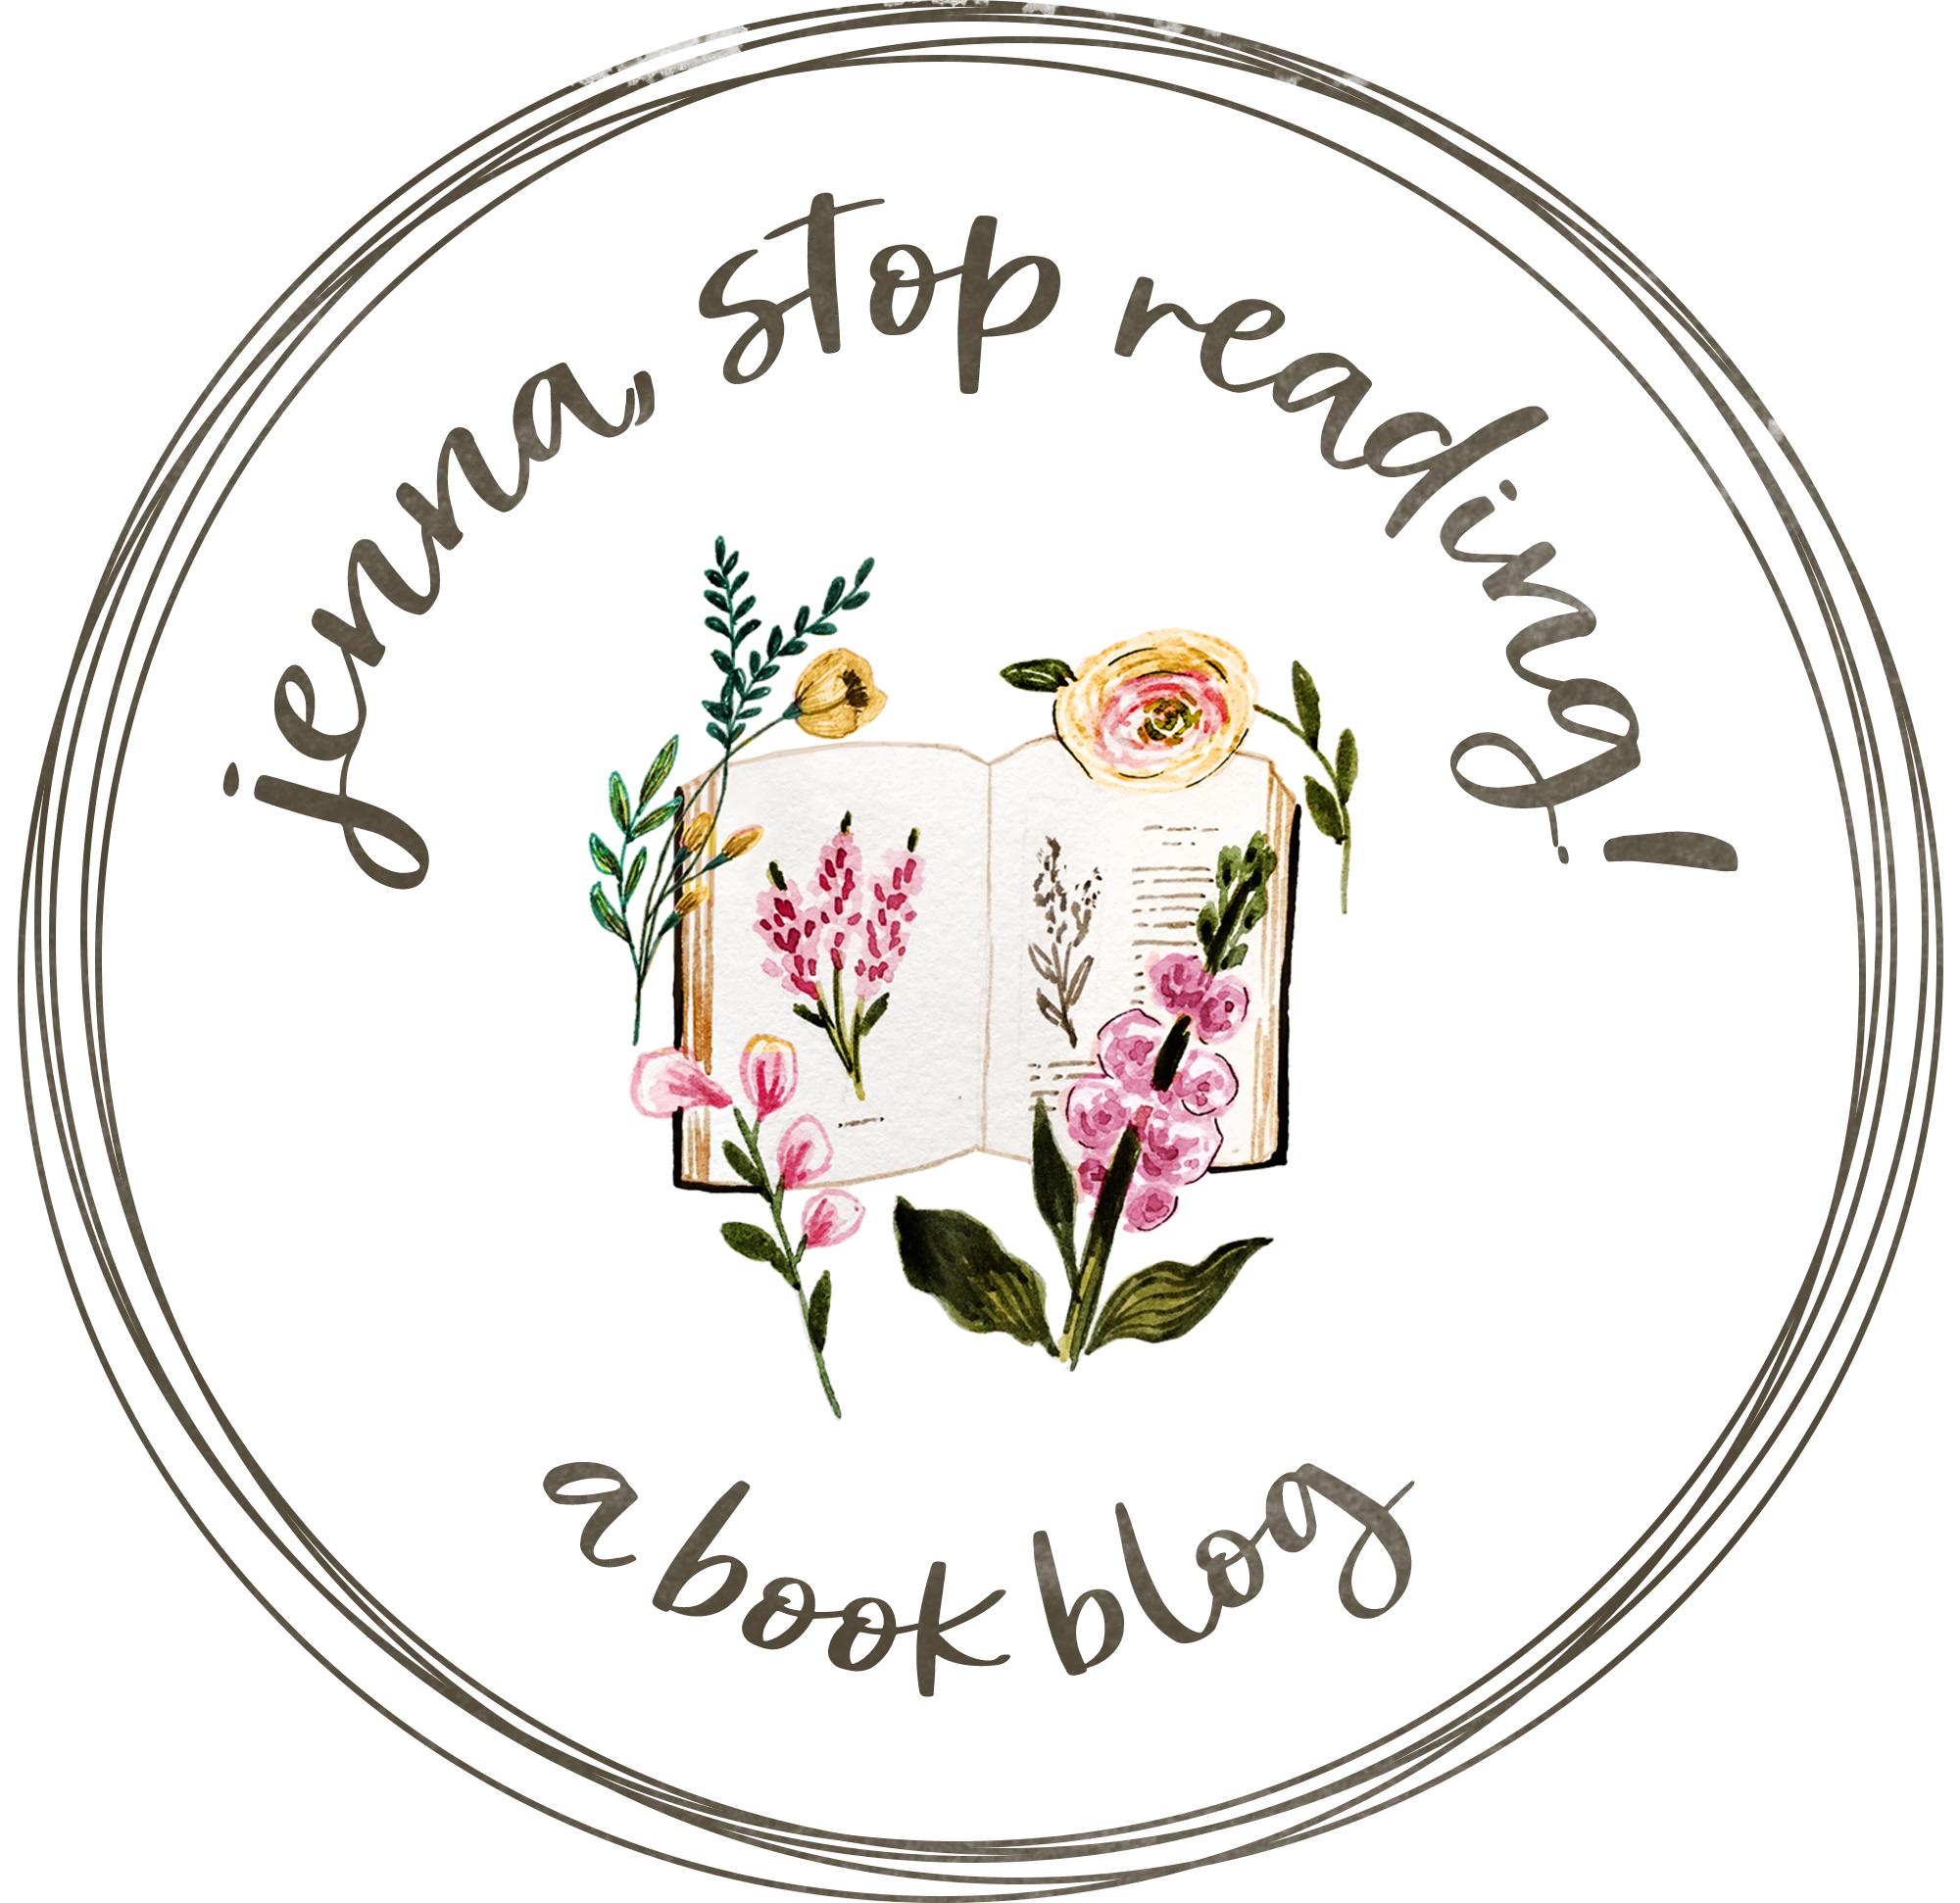 Jenna, Stop Reading!